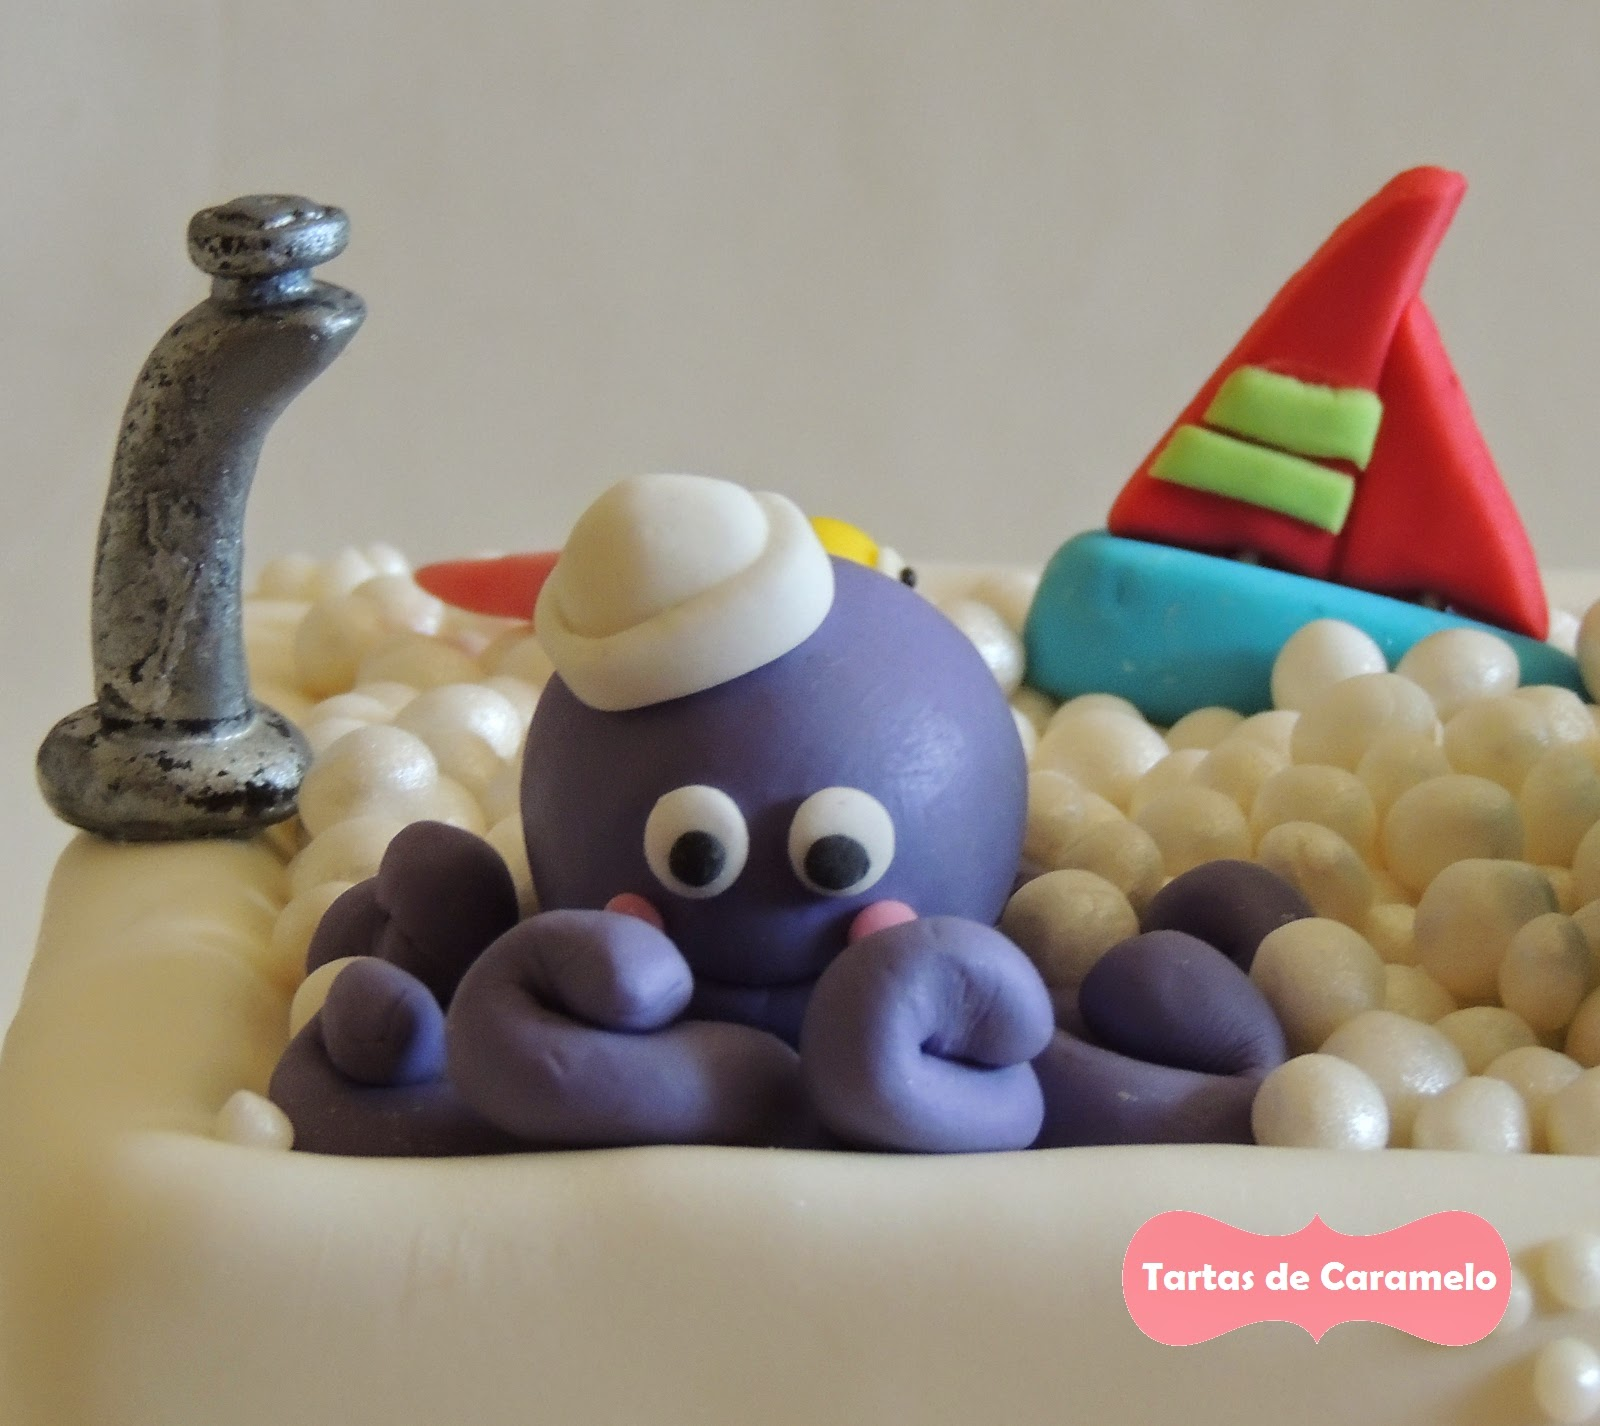 Tarta de cumpleaños: Al baño con mis muñecos! Pulpo